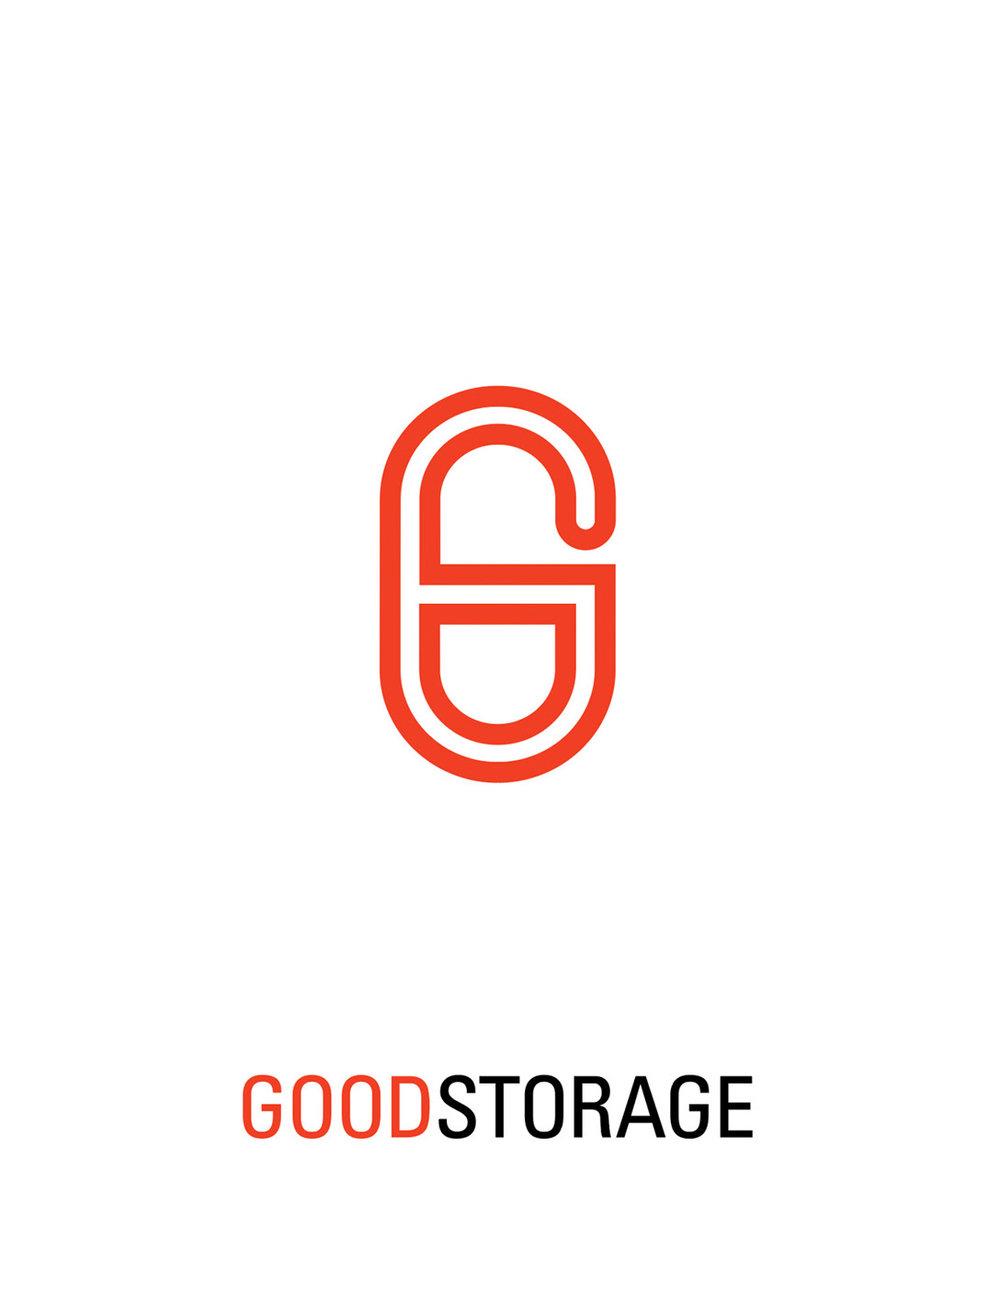 Goodstorage.logo.jpg